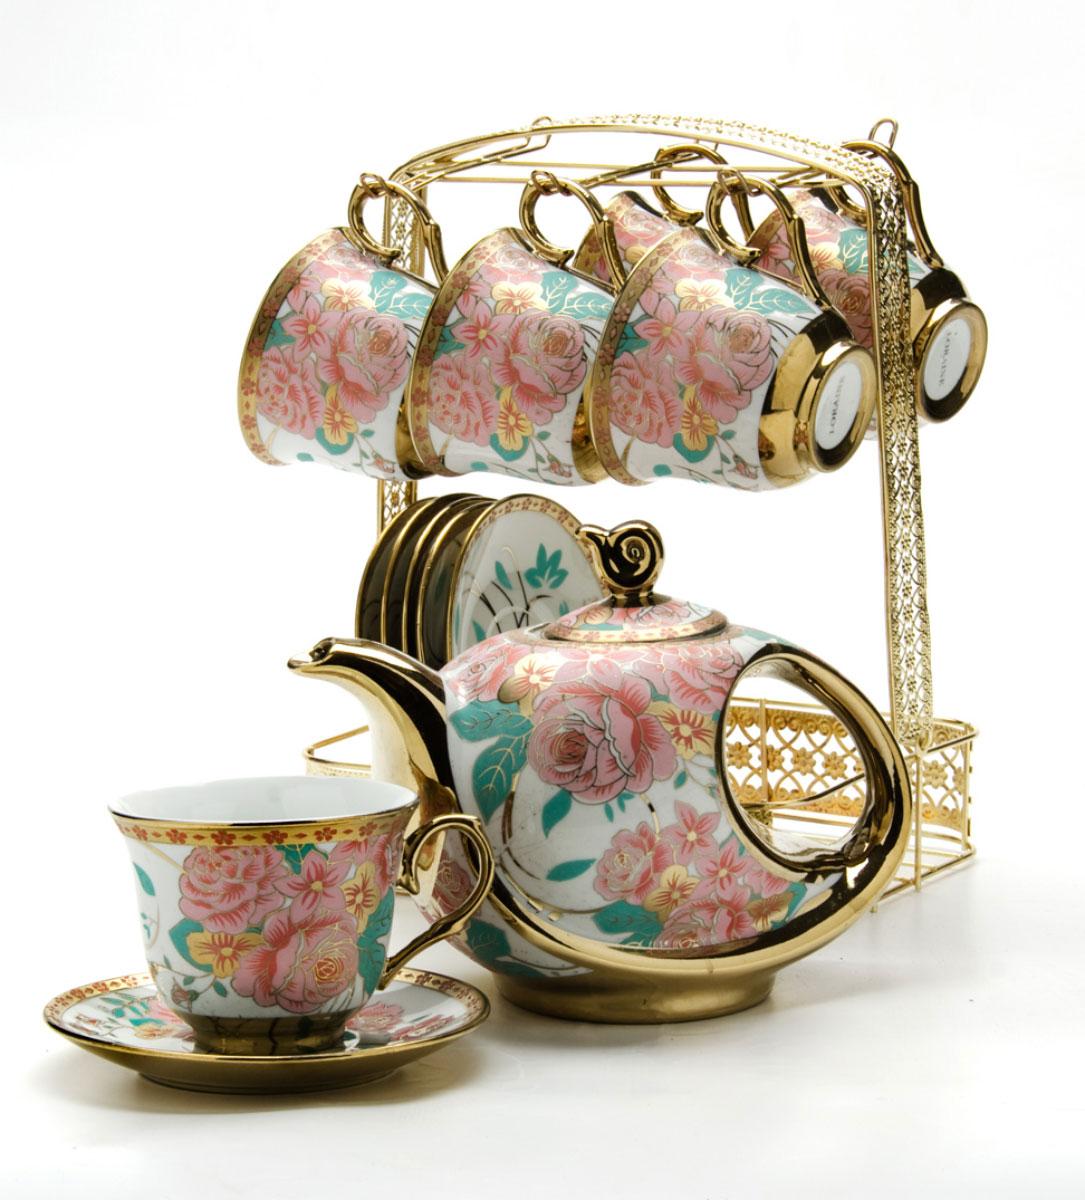 Набор чайный Loraine, на подставке, 15 предметов. 2478324783Чайный набор Loraine состоит из шести чашек, шести блюдец и заварочного чайника. Предметы набора изготовлены из керамики и оформлены изображением цветов и бабочек. Все предметы располагаются на удобной металлической подставке с ручкой. Элегантный дизайн набора придется по вкусу и ценителям классики, и тем, кто предпочитает утонченность и изысканность. Он настроит на позитивный лад и подарит хорошее настроение с самого утра. Чайный набор идеально подойдет для сервировки стола и станет отличным подарком к любому празднику.Объем чашки: 220 мл.Объем чайника: 950 мл.Диаметр блюдца: 13,5 см.